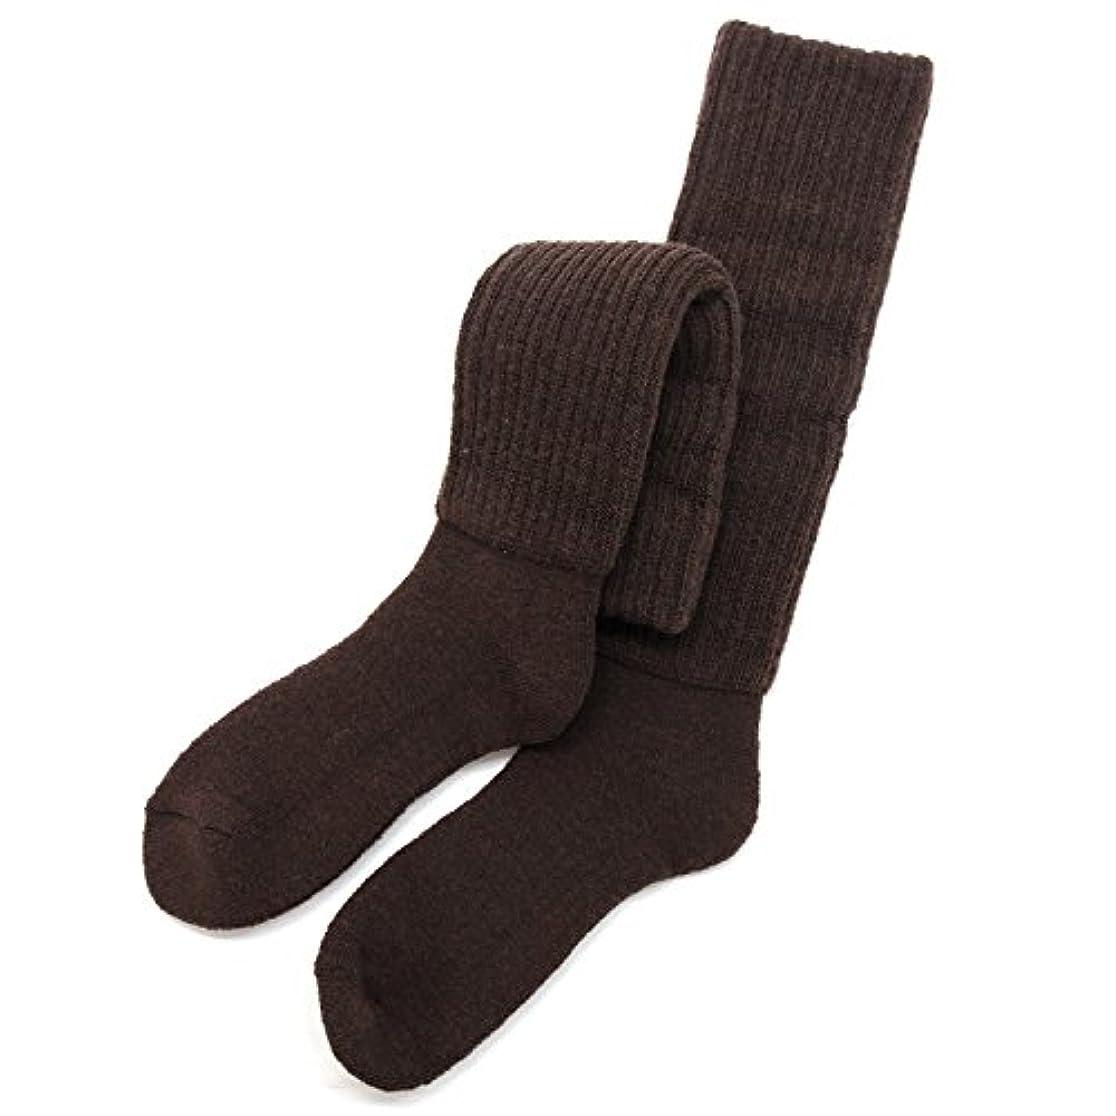 有効狂った明確なhiorie(ヒオリエ) 日本製 冷えとり靴下 あったか 2重編み靴下 ハイソックス